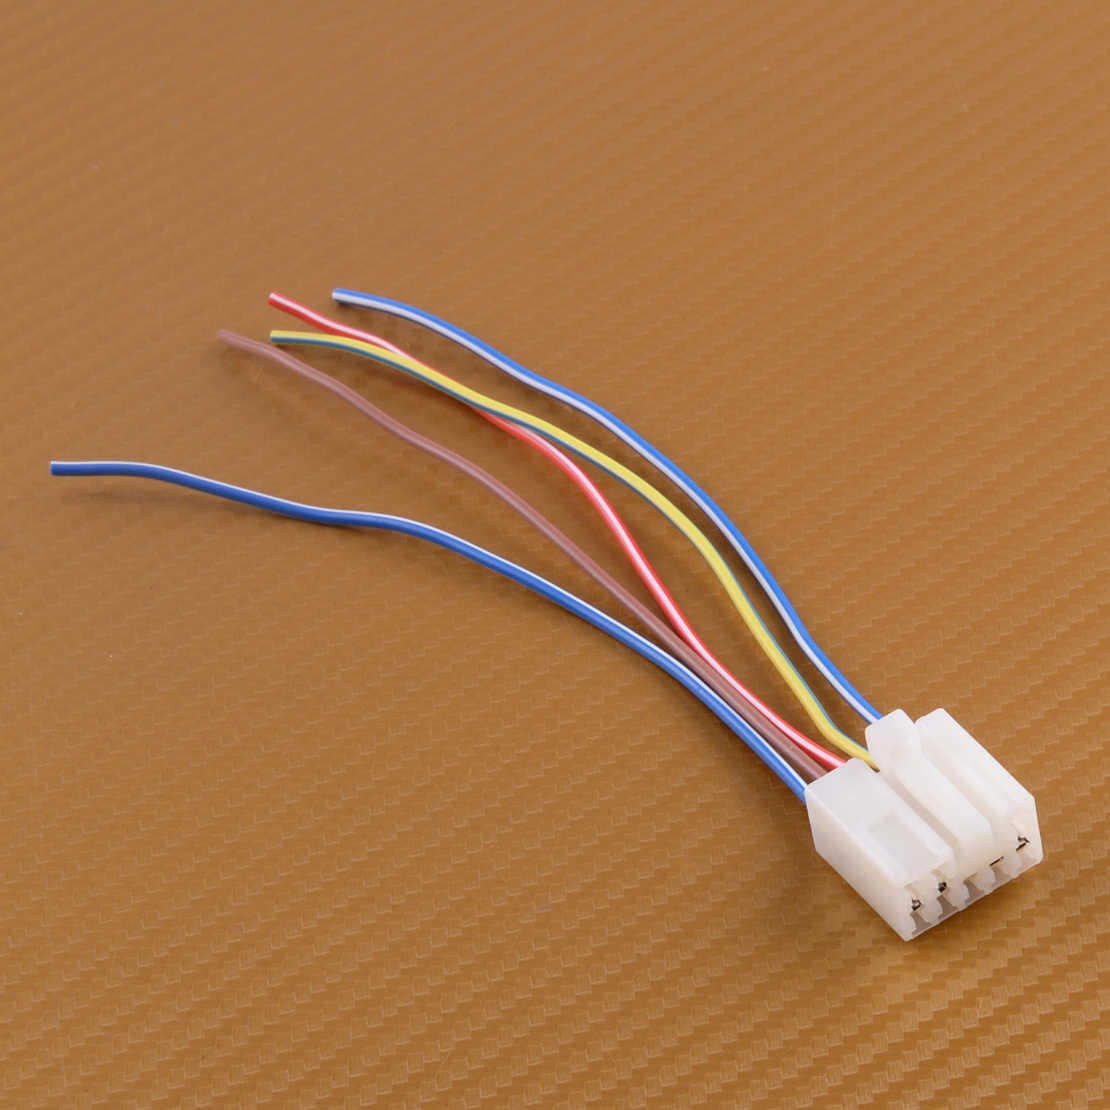 dwcx fog light switch plug pigtail 3727077j00 fit for suzuki sx4 swift lingyang alto grand vitara [ 1110 x 1110 Pixel ]